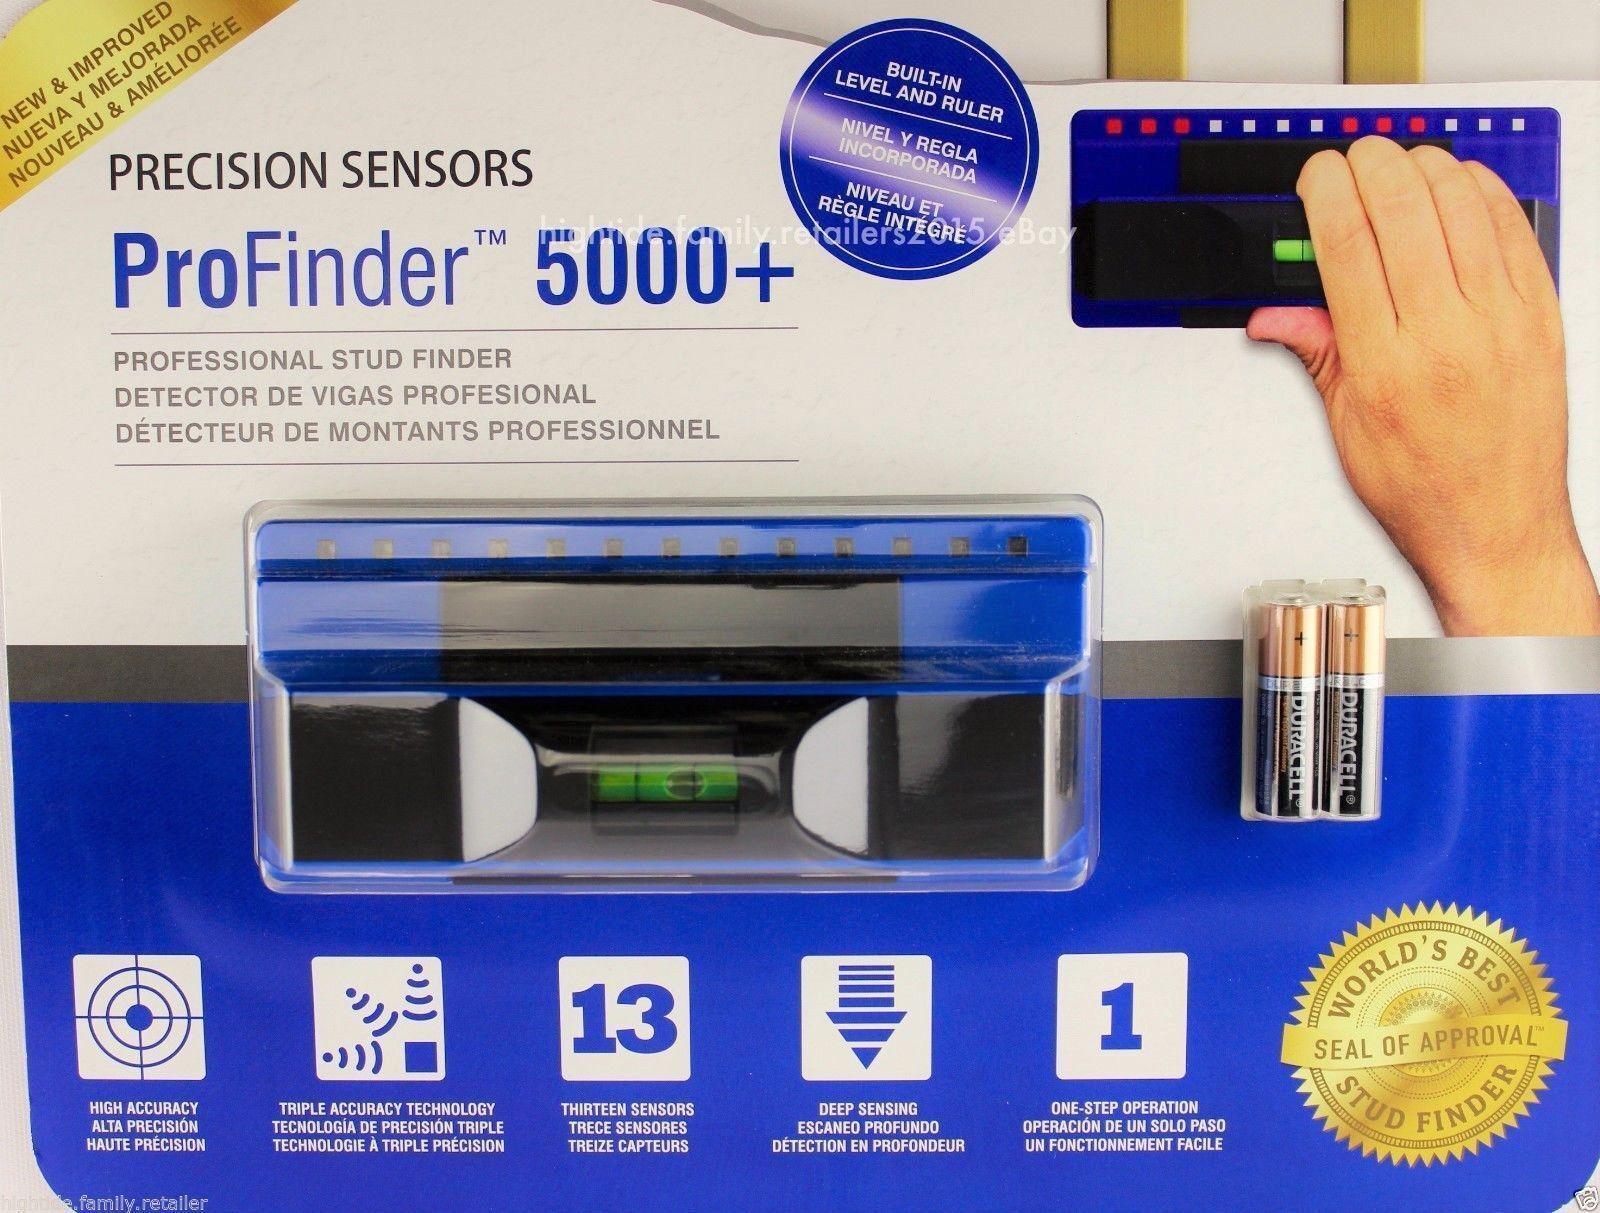 ProFinder 5000+ PLUS Stud Finder Precision Sensor Scanning Detector|NO SALES TAX